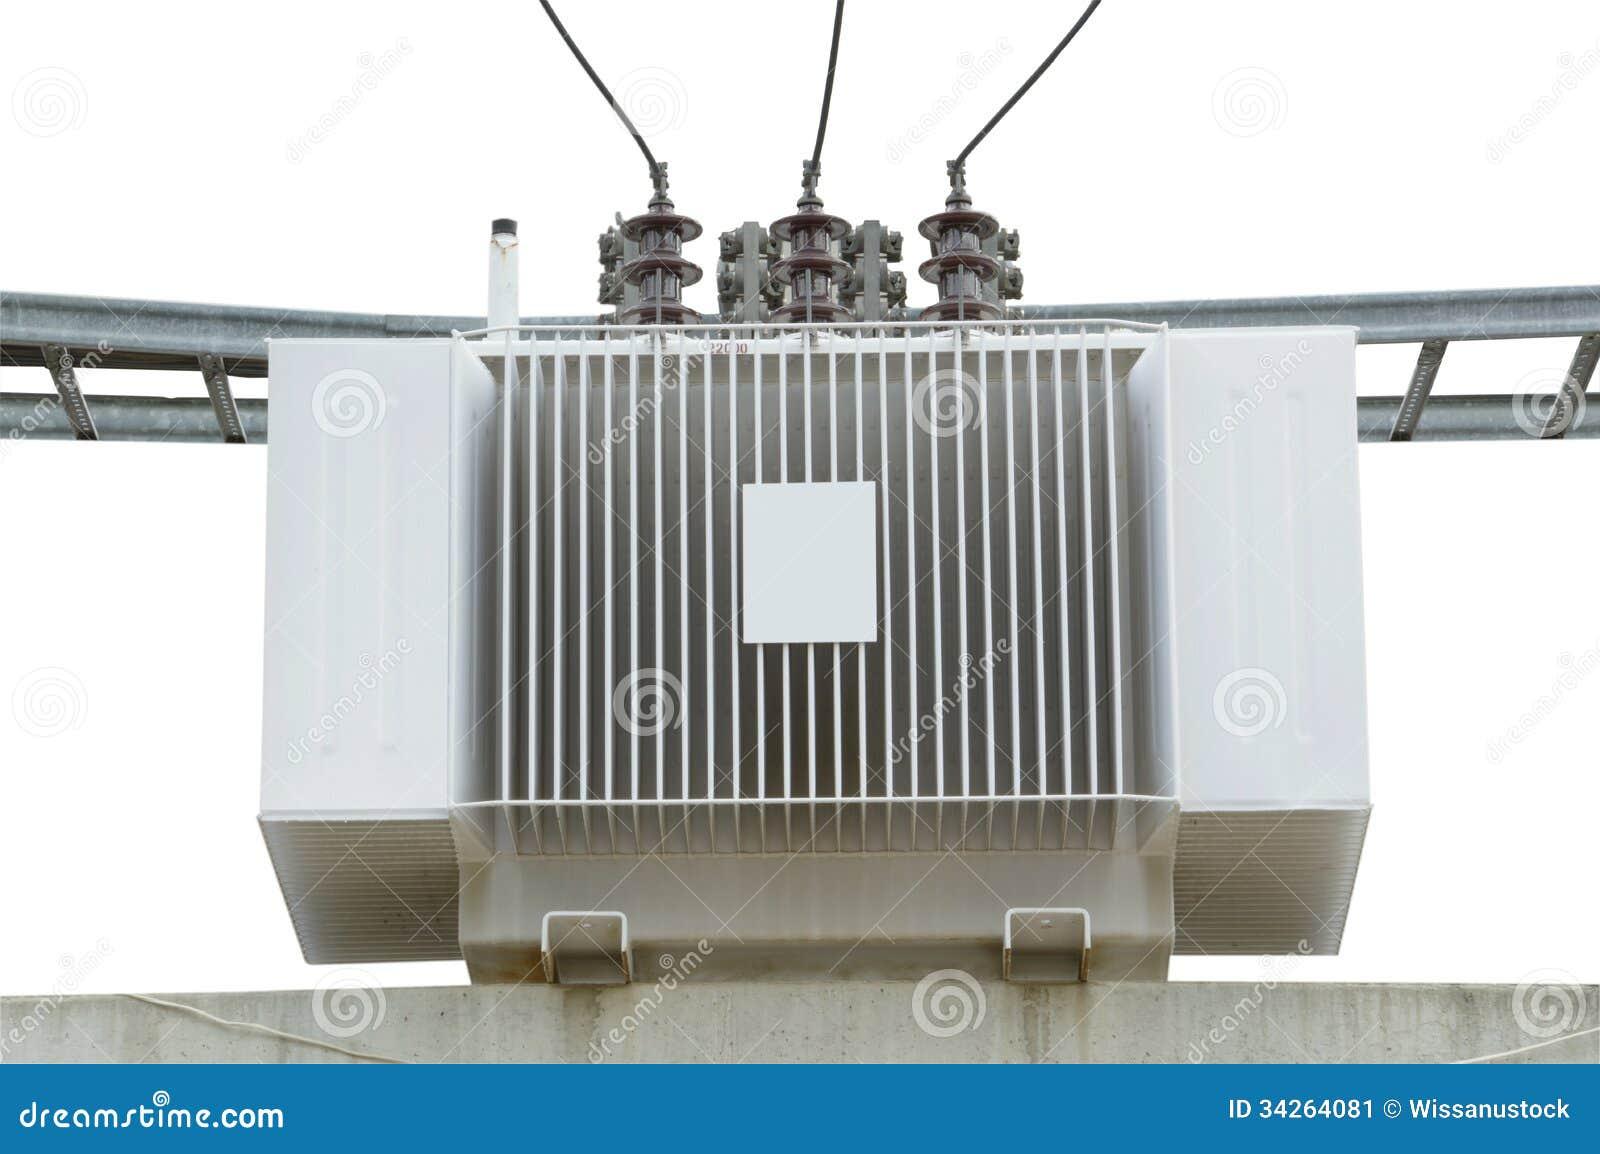 Alto voltaje el ctrico del transformador aislado imagen de - Transformador electrico precio ...